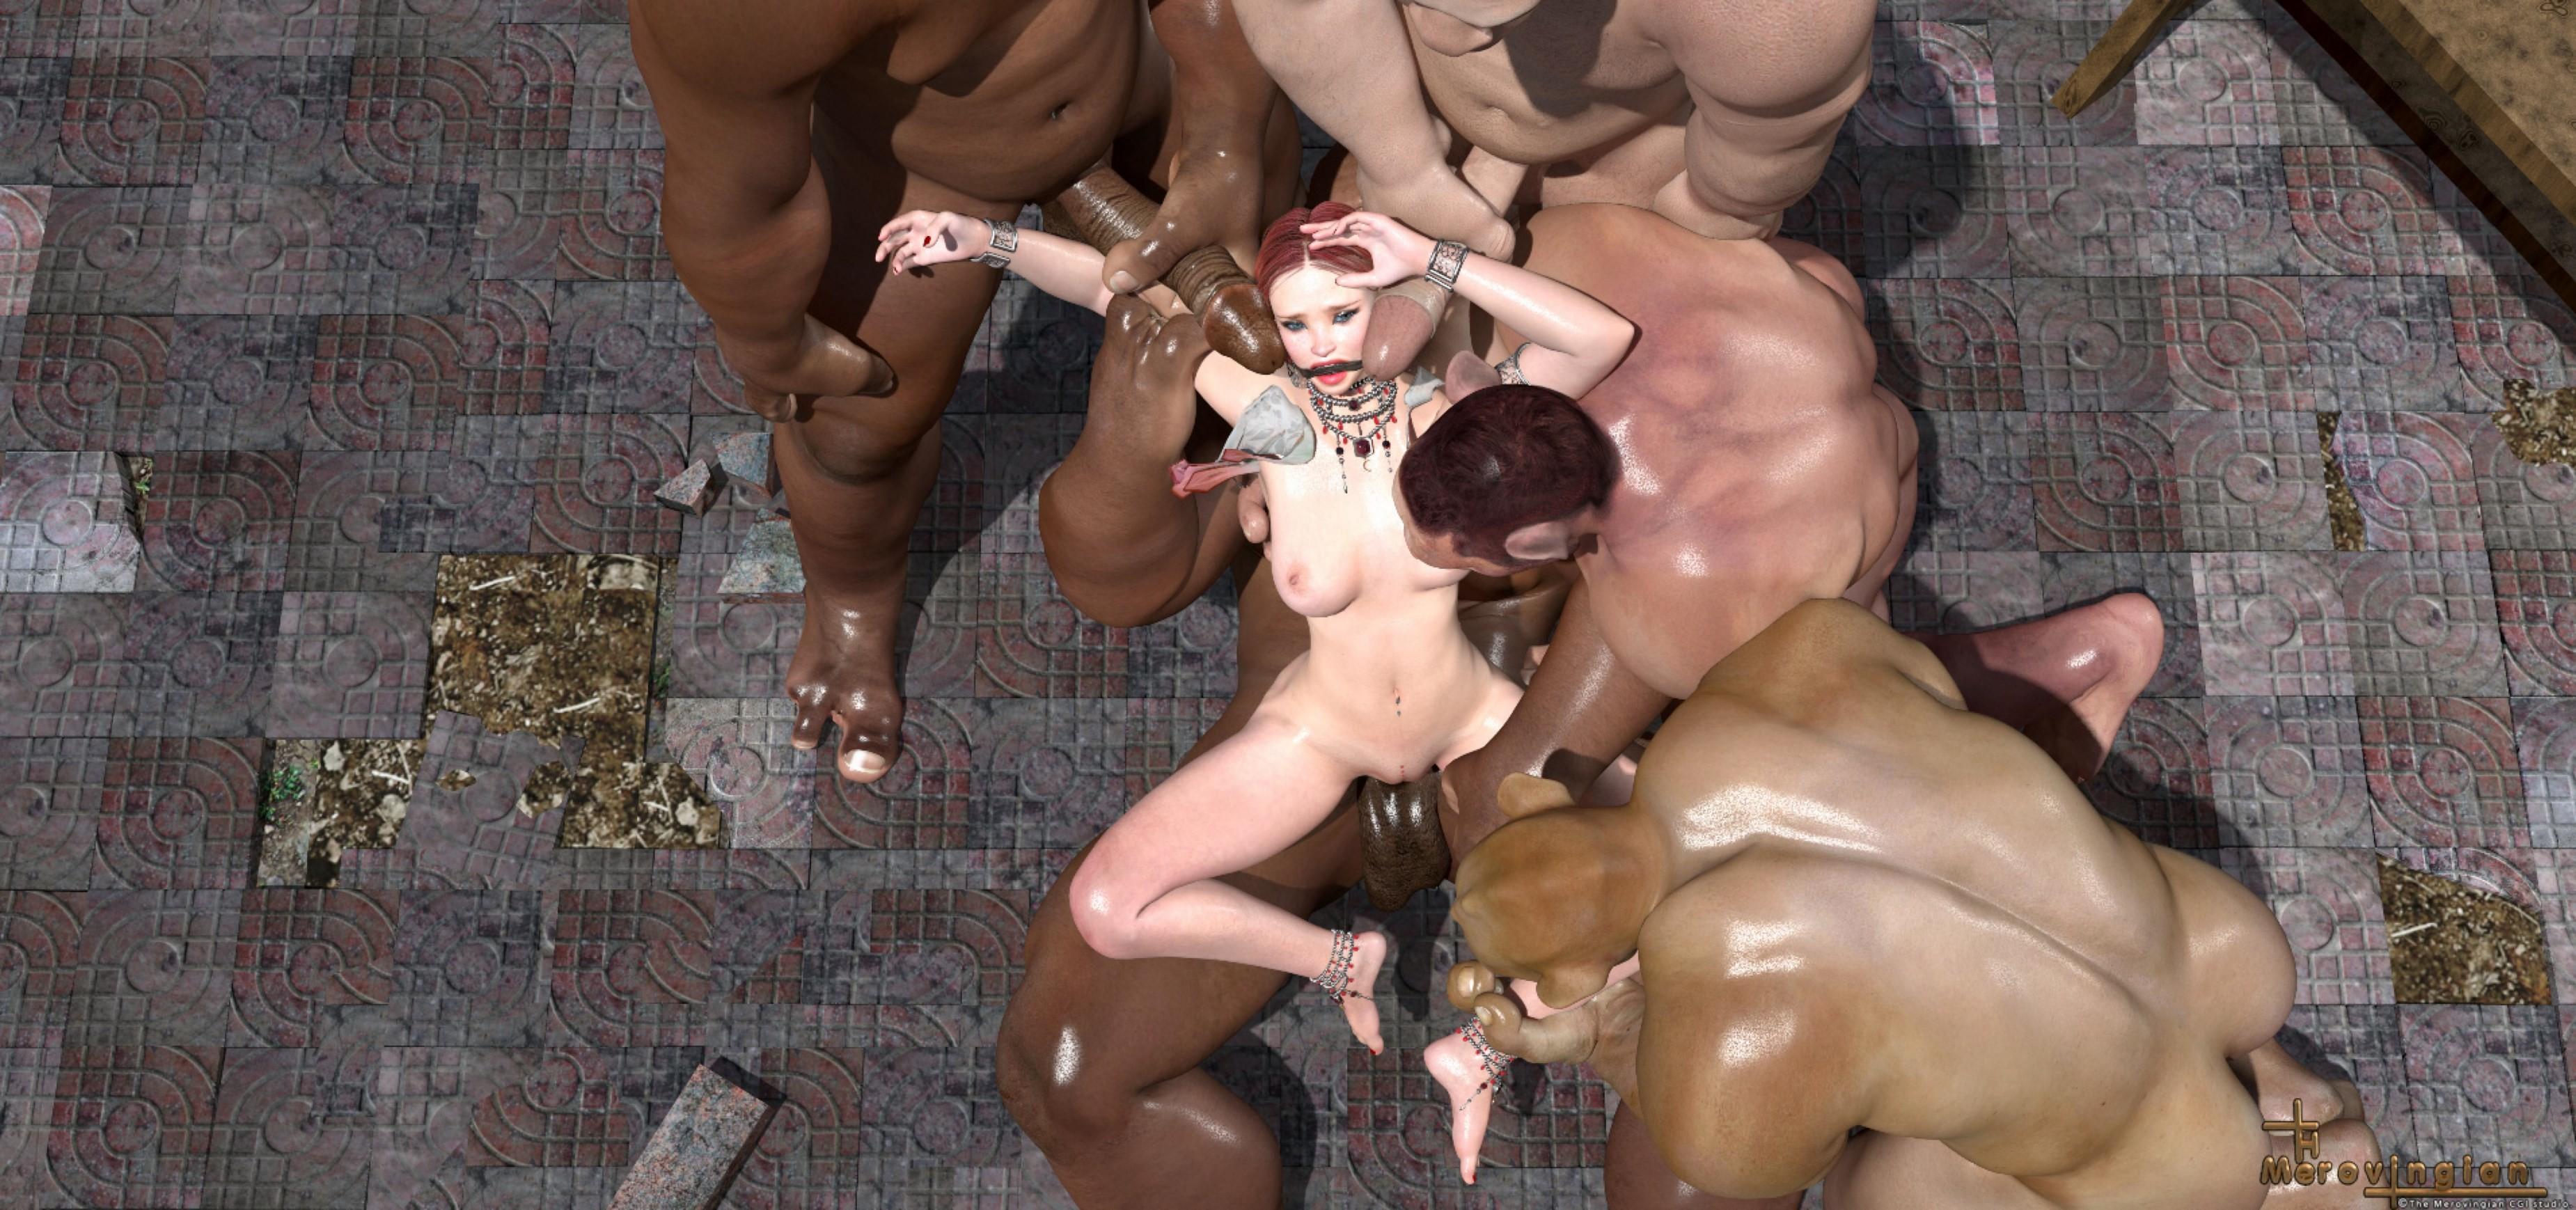 onlayn-porno-v-plenu-porno-foto-indiyskoy-aktrisi